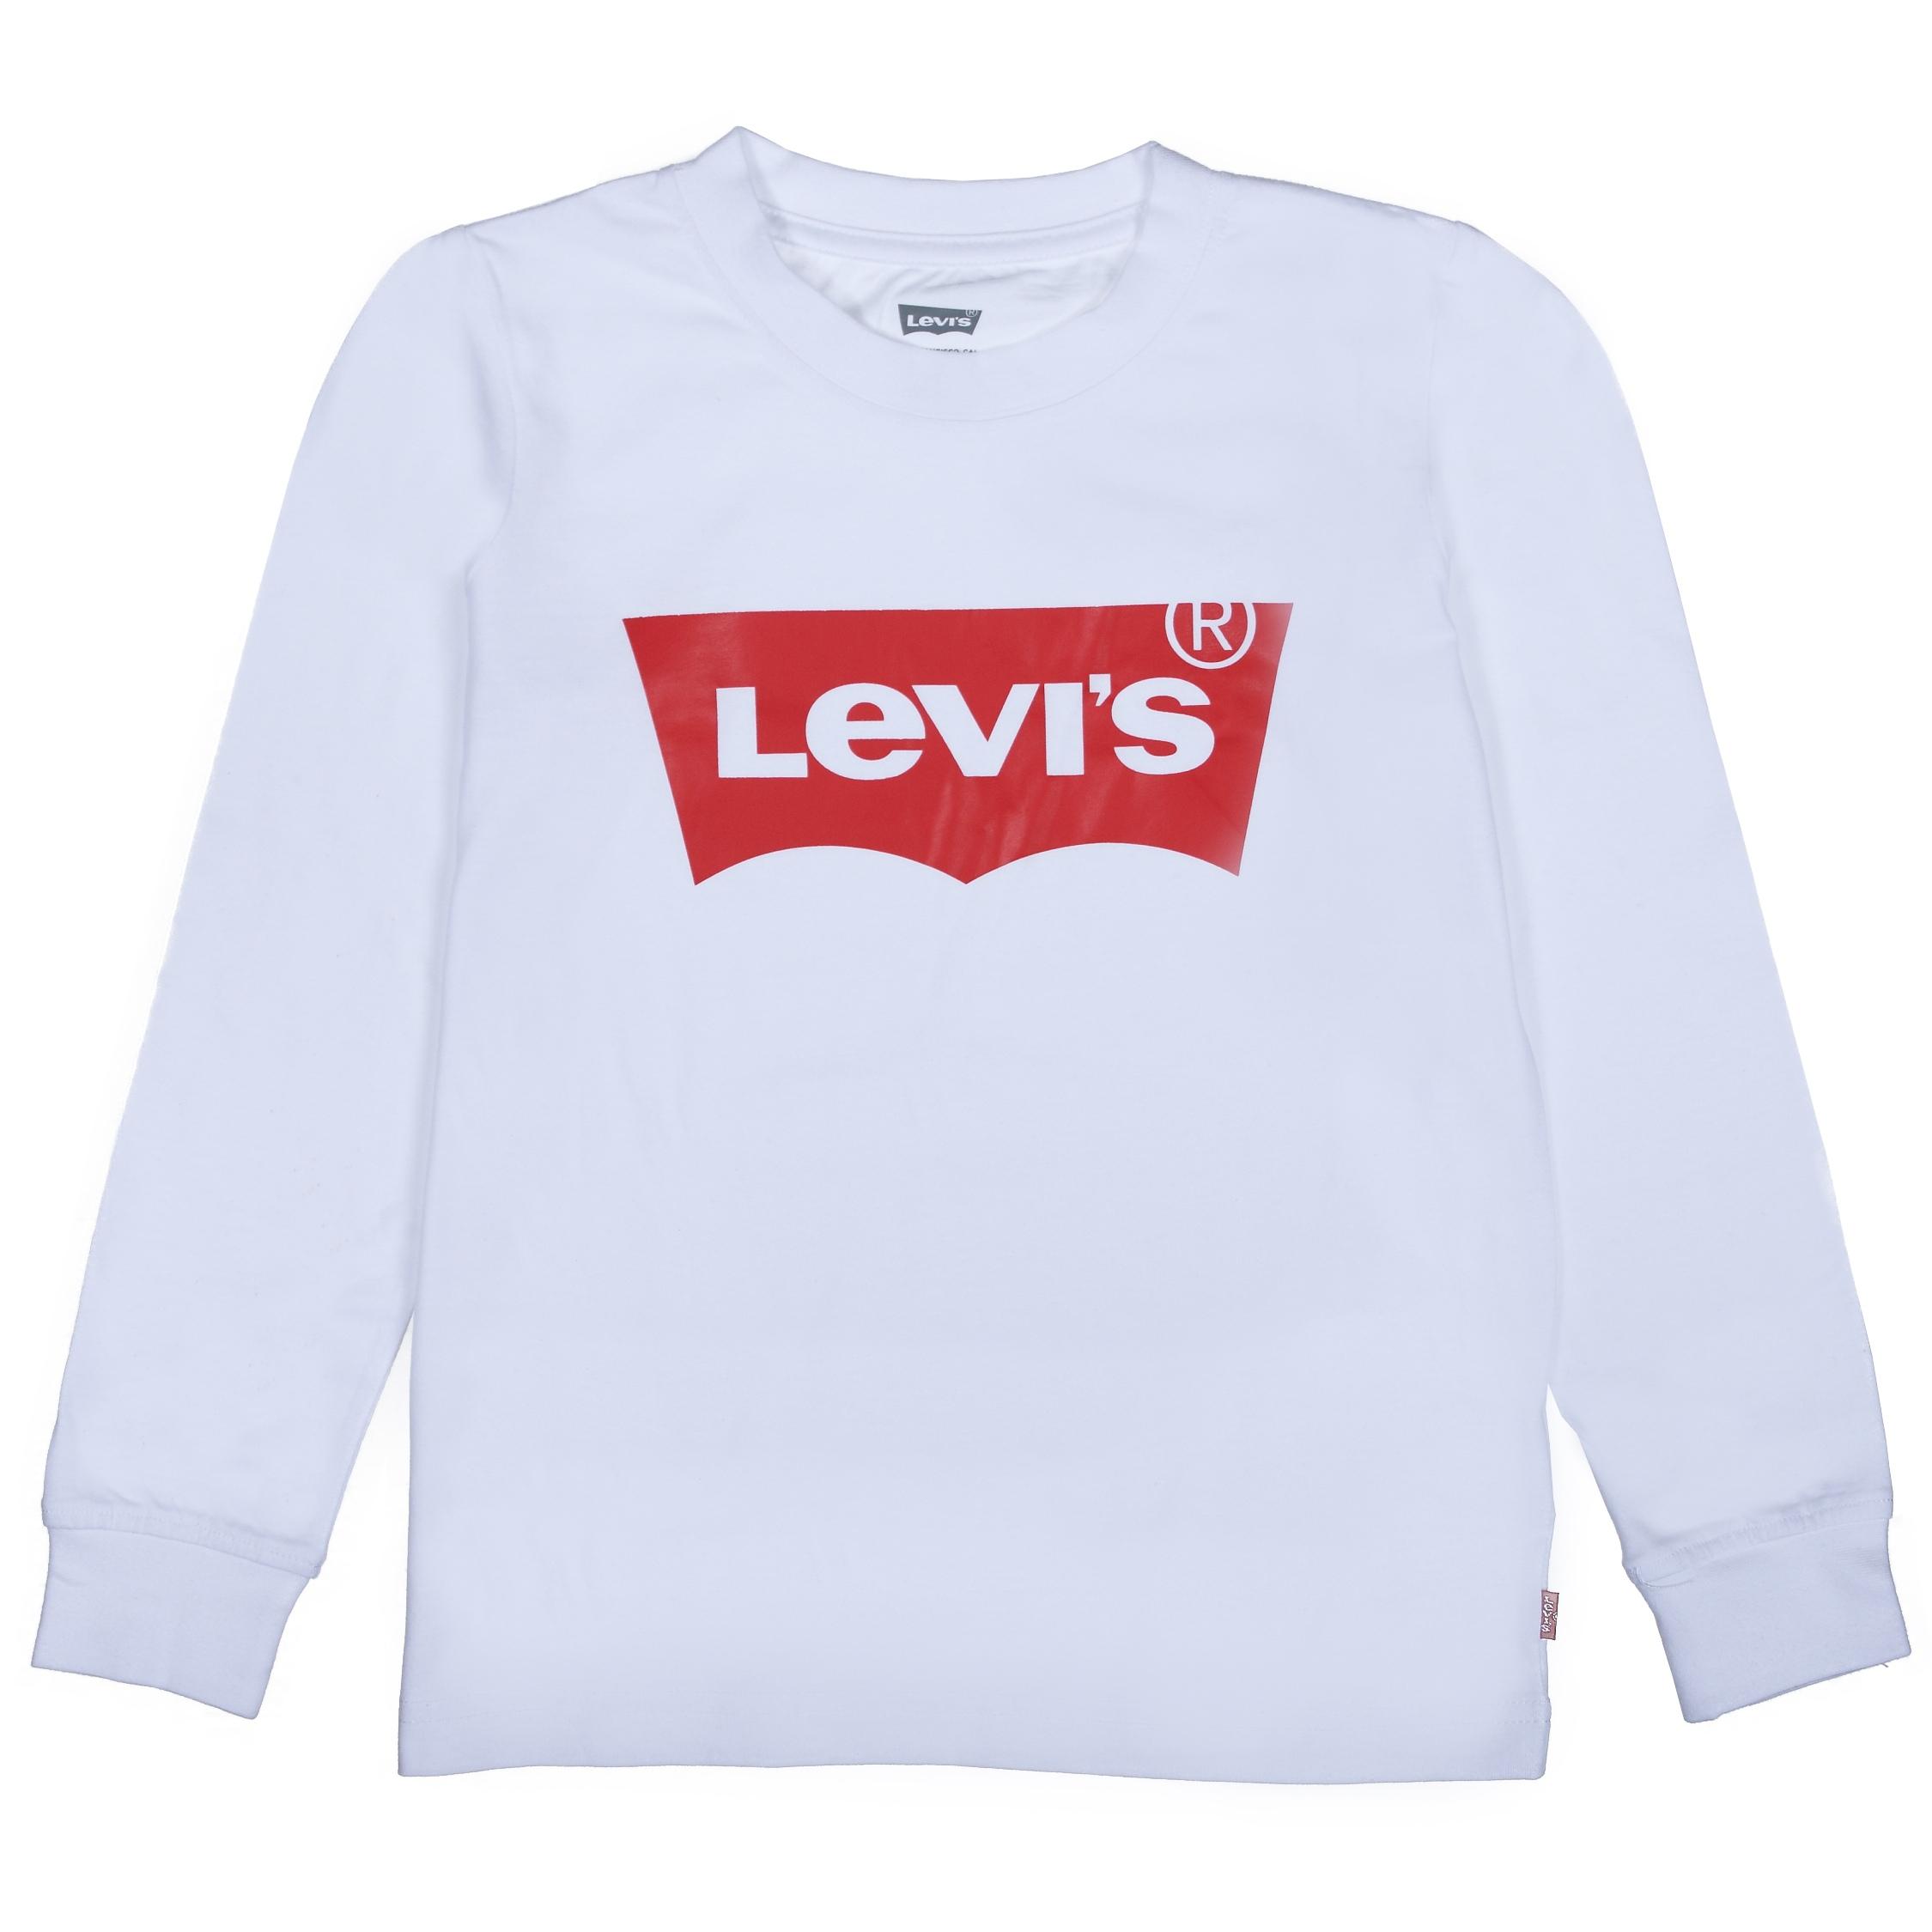 http://www.leadermode.com/183734/levi-s-kids-8646-001-white.jpg